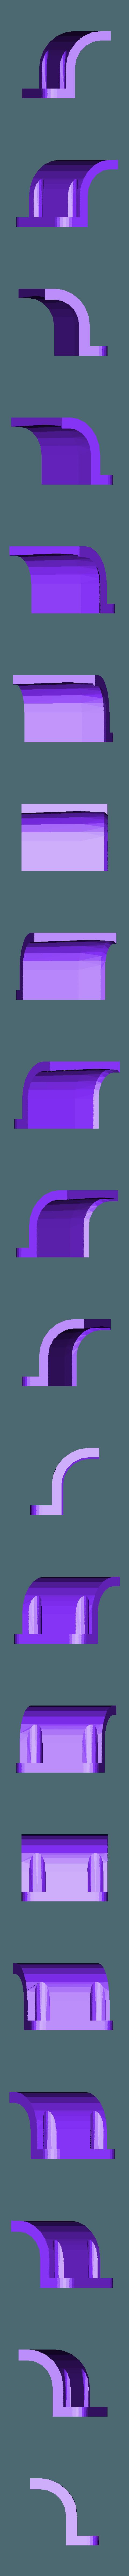 xtion_bracket_right.stl Télécharger fichier STL gratuit Support Asus Xtion pour TurtleBot • Design imprimable en 3D, Obenottr3D